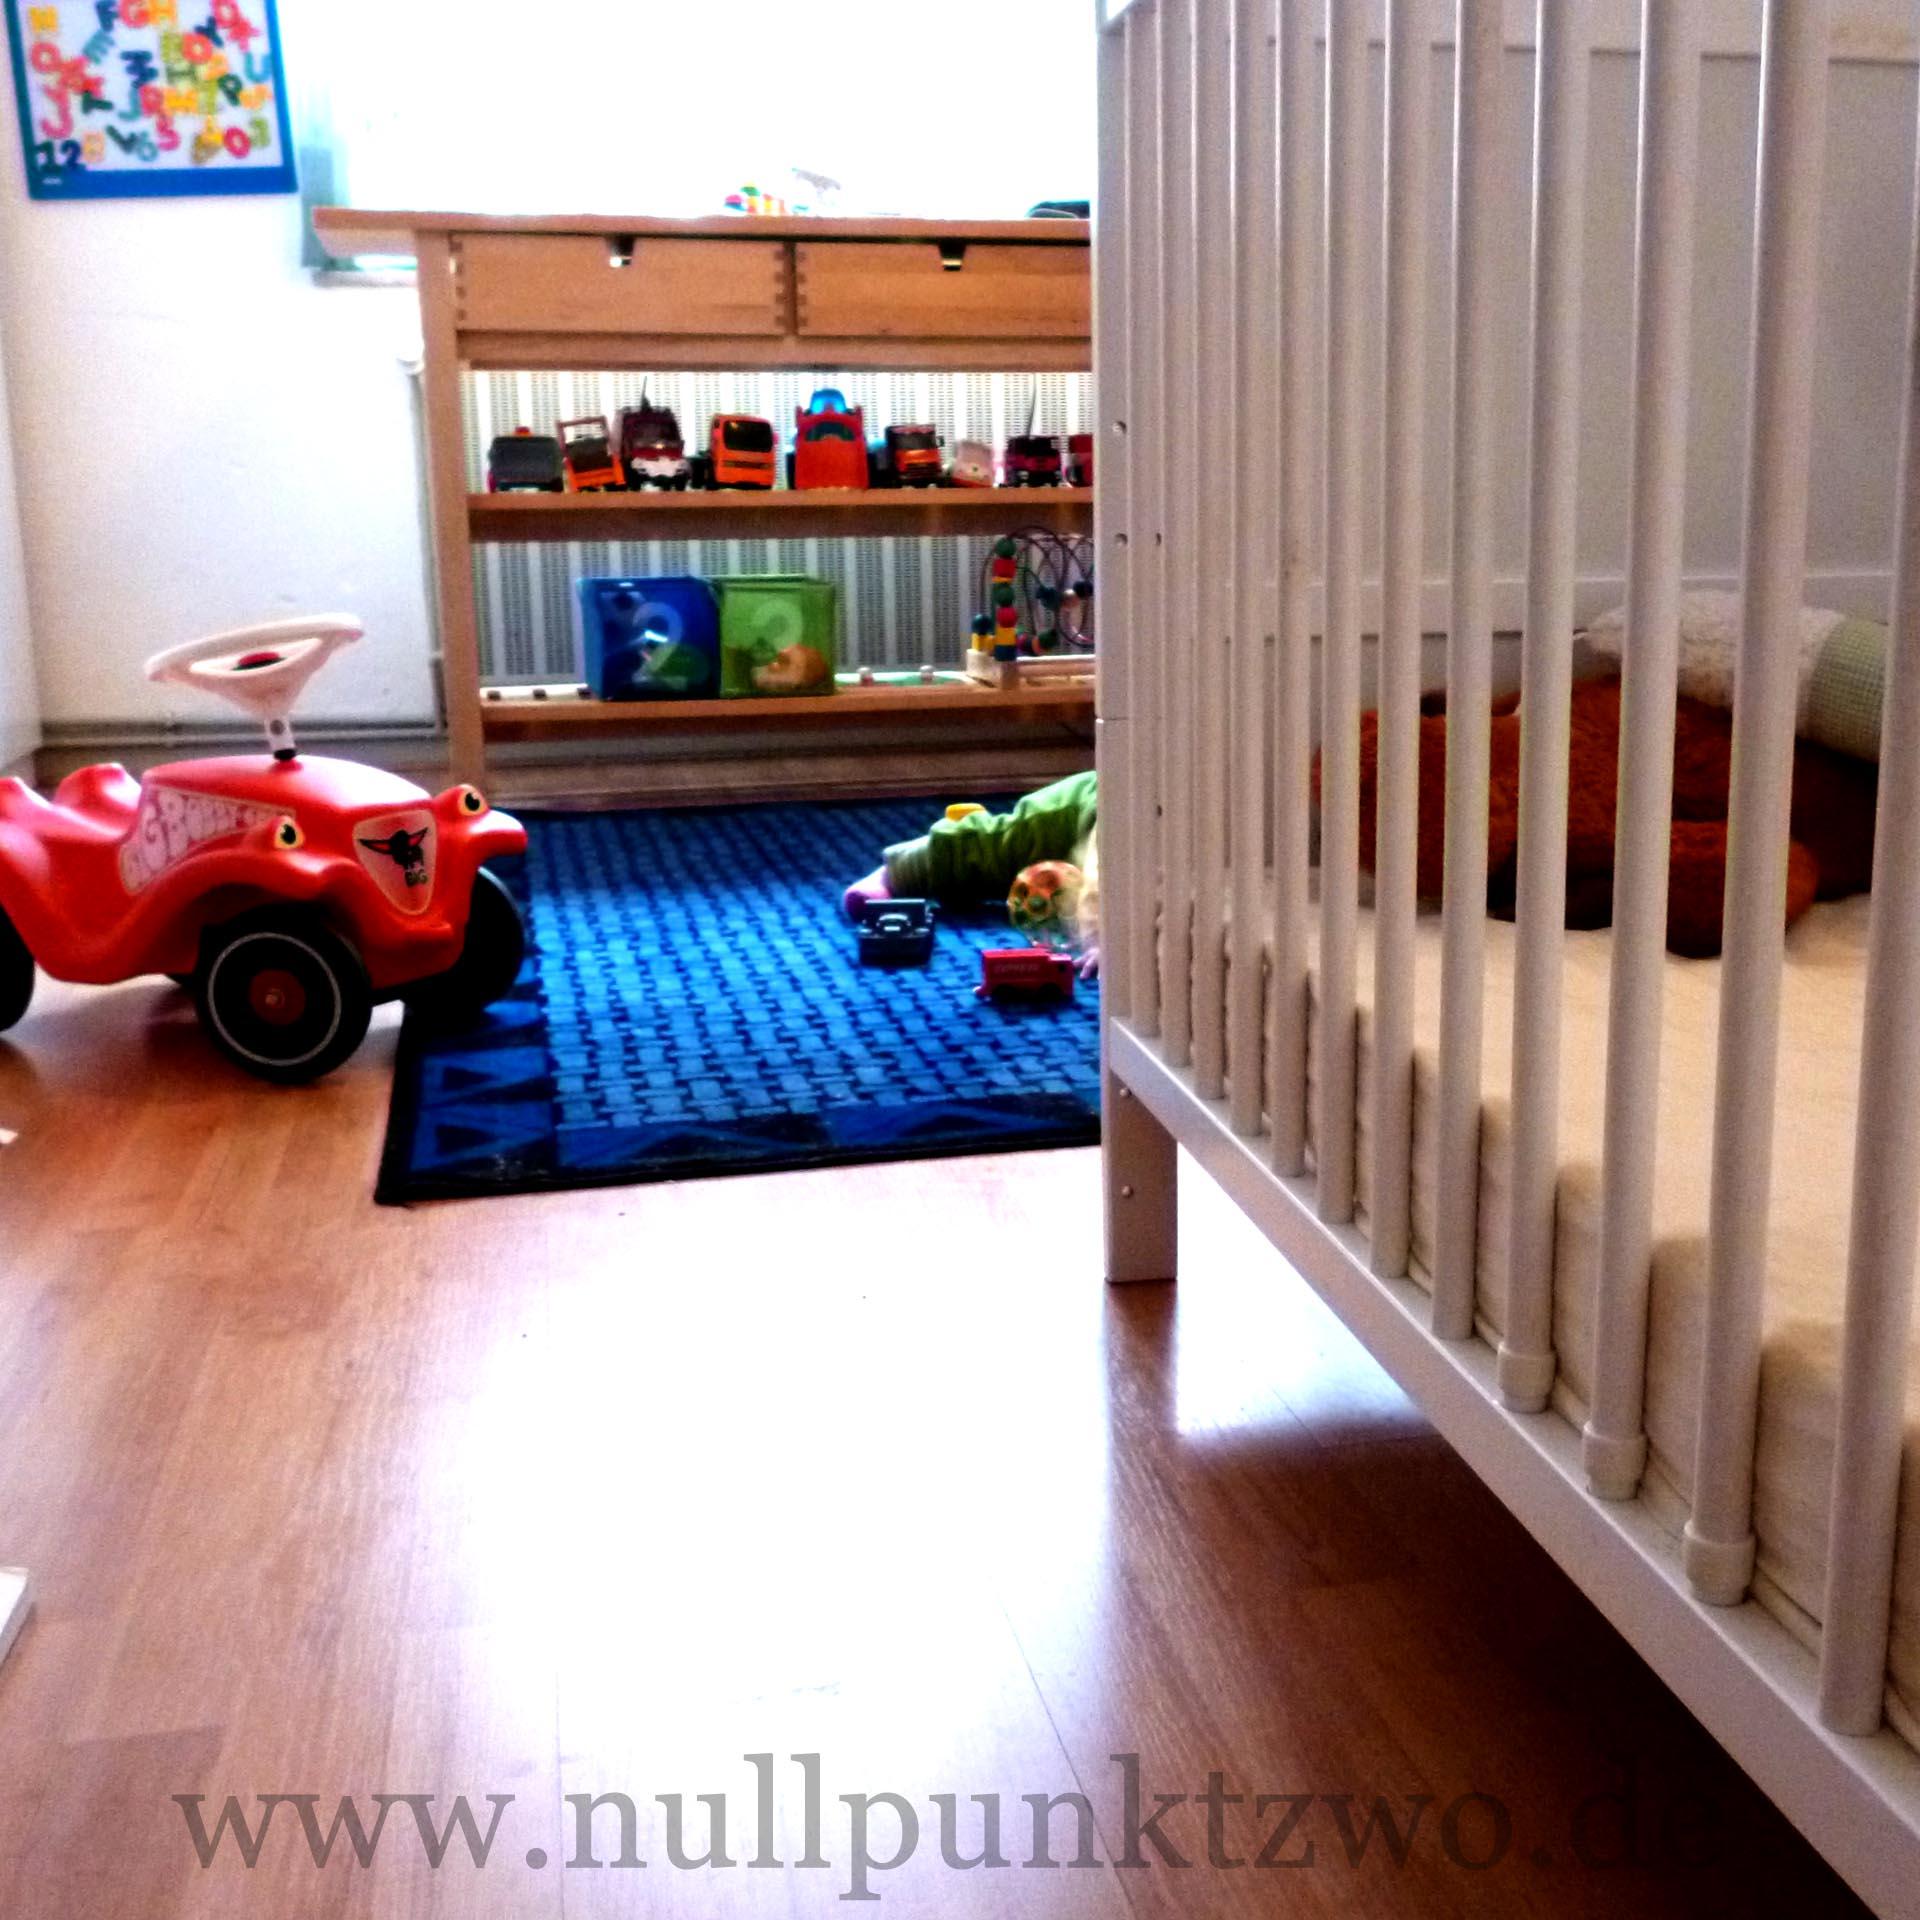 wie l ufts eigentlich mit dem gemeinsamen kinderzimmer nullpunktzwo. Black Bedroom Furniture Sets. Home Design Ideas